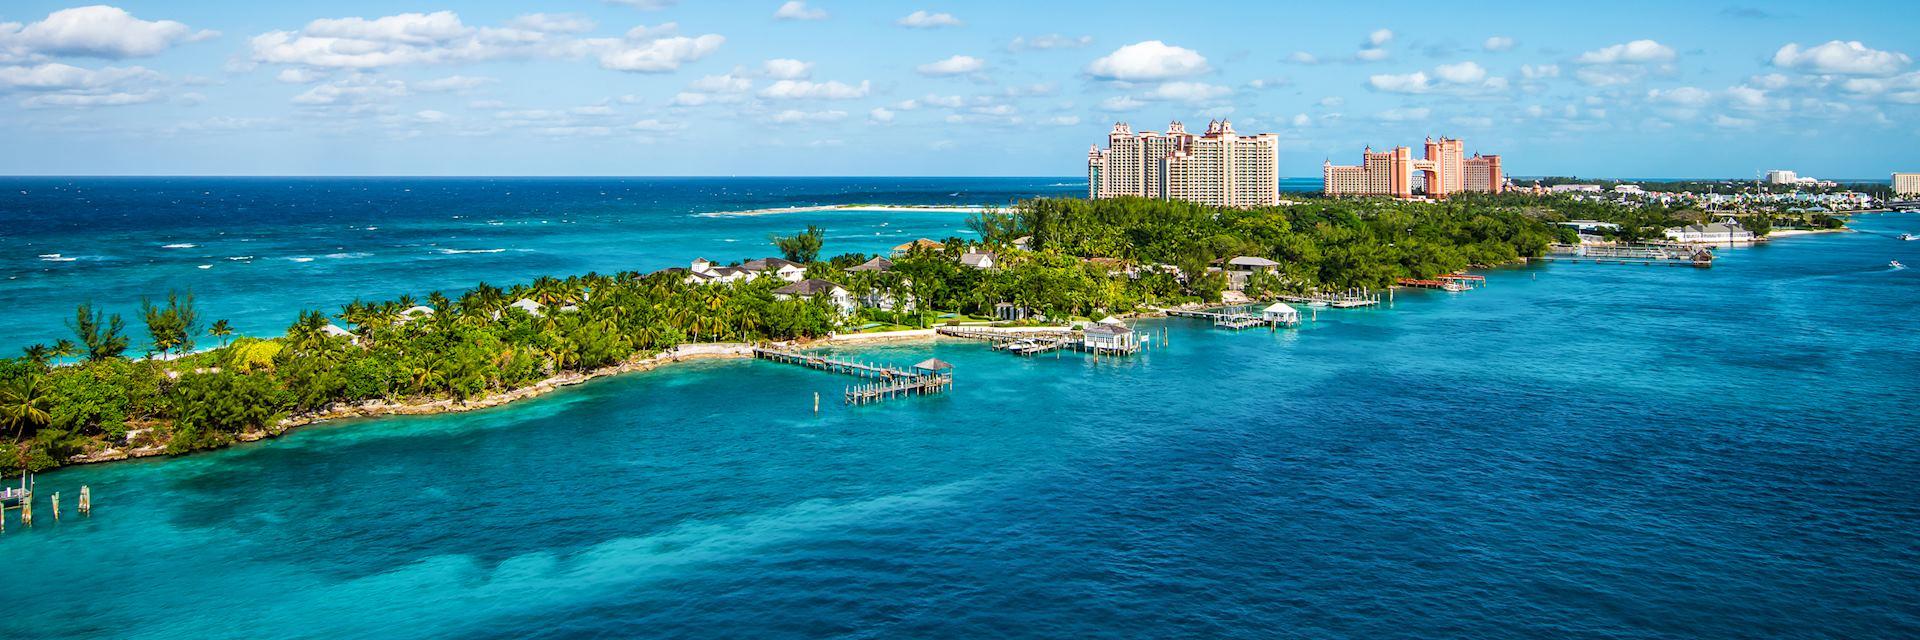 Paradise Island, Nassau